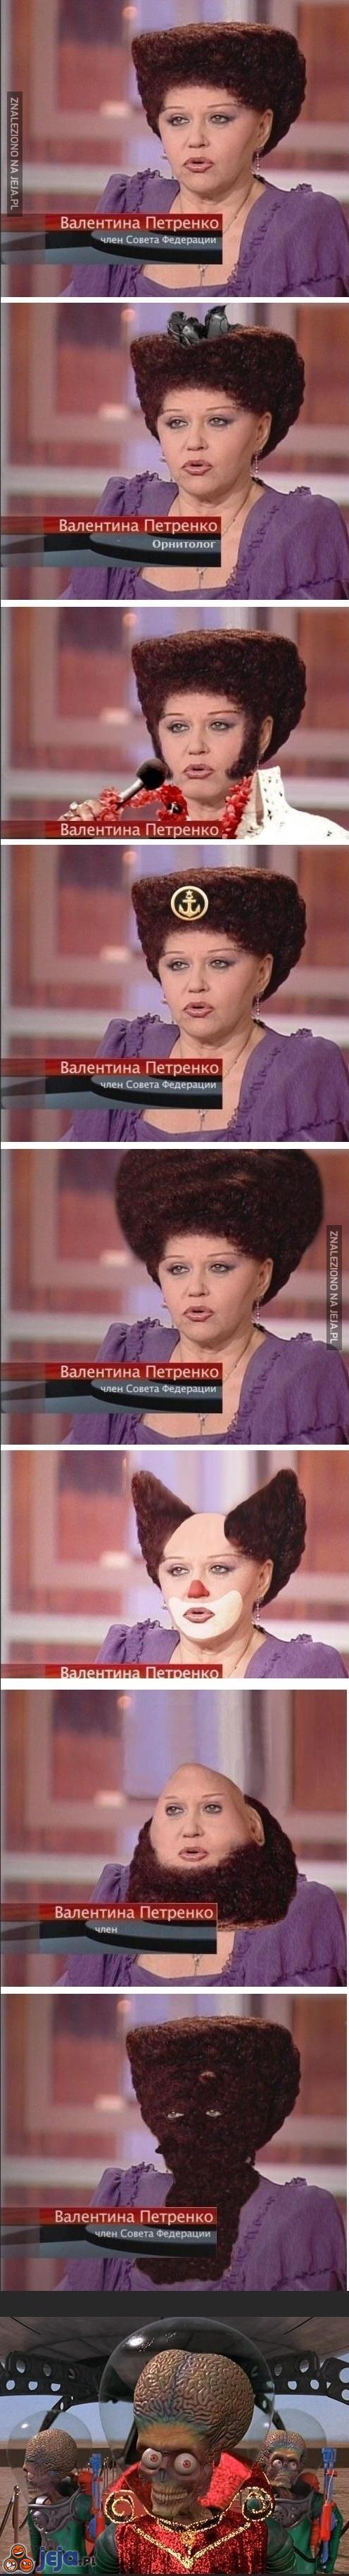 Rosjanie bawią się Photoshopem